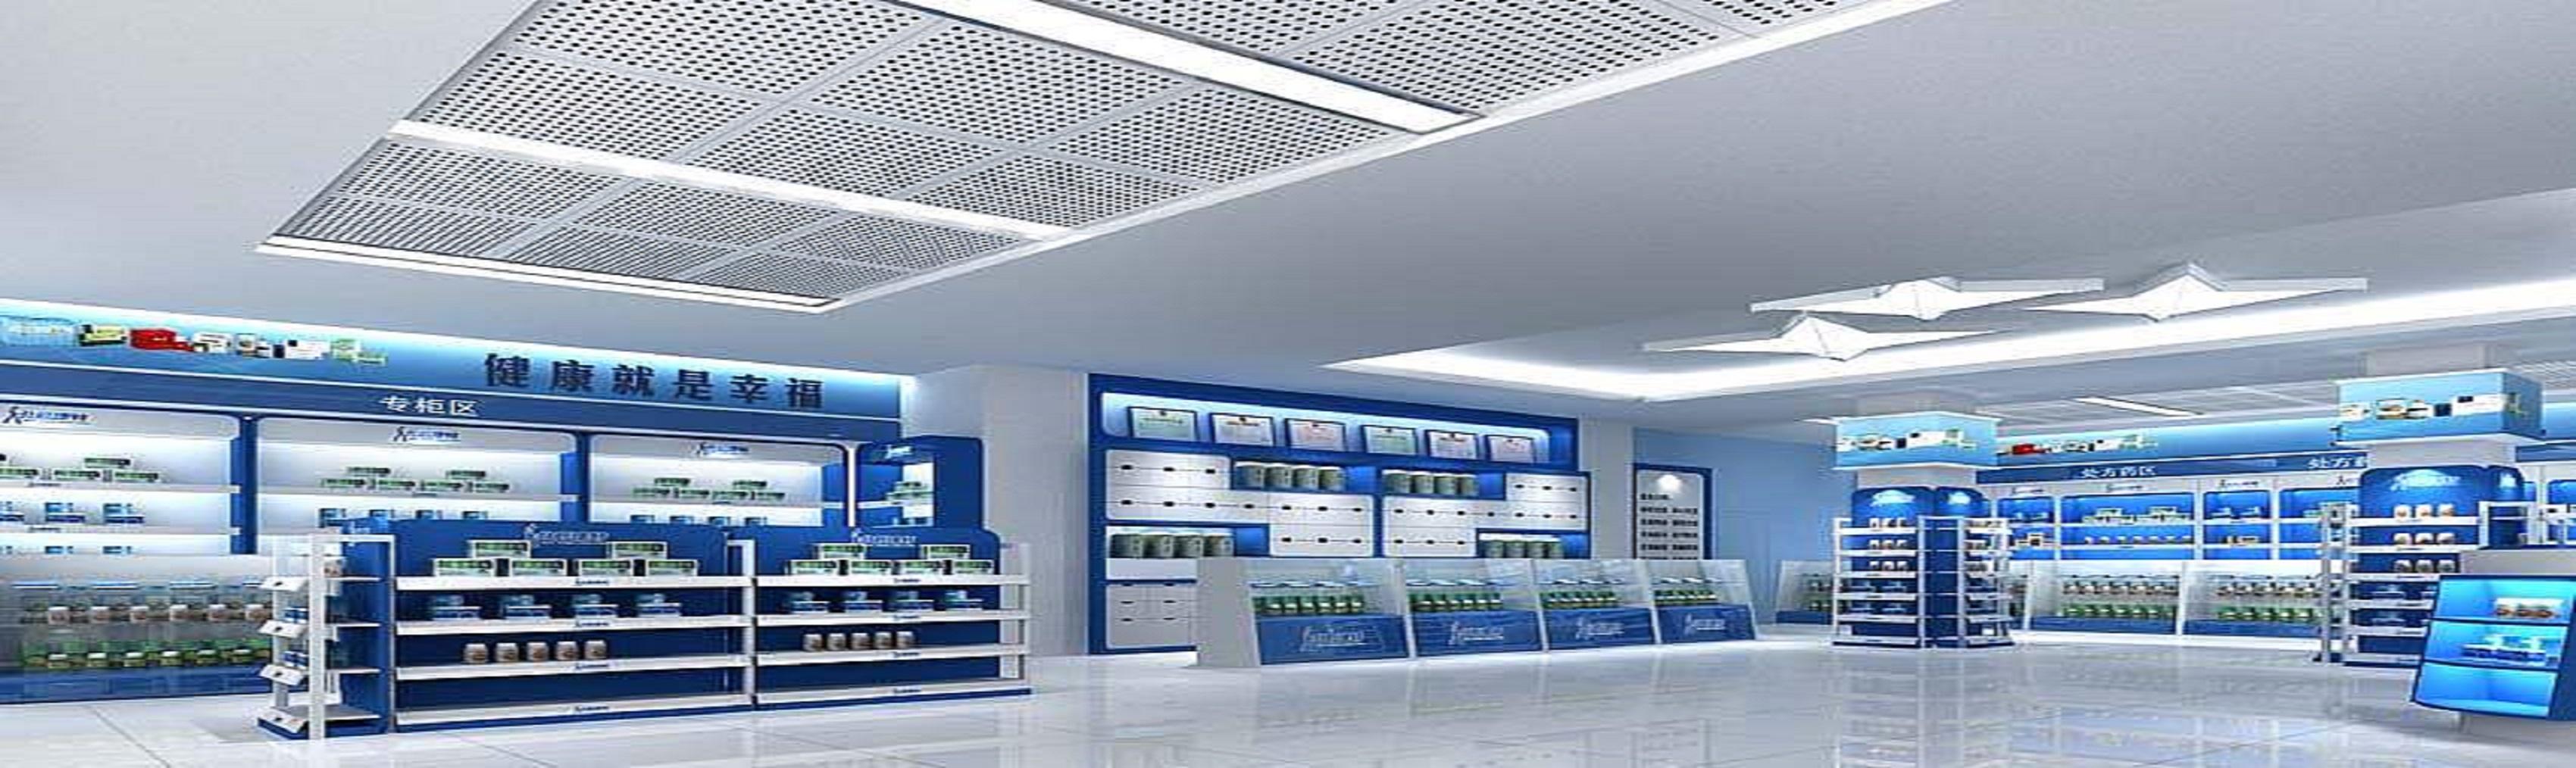 上海探索智慧化监管网上零售药房